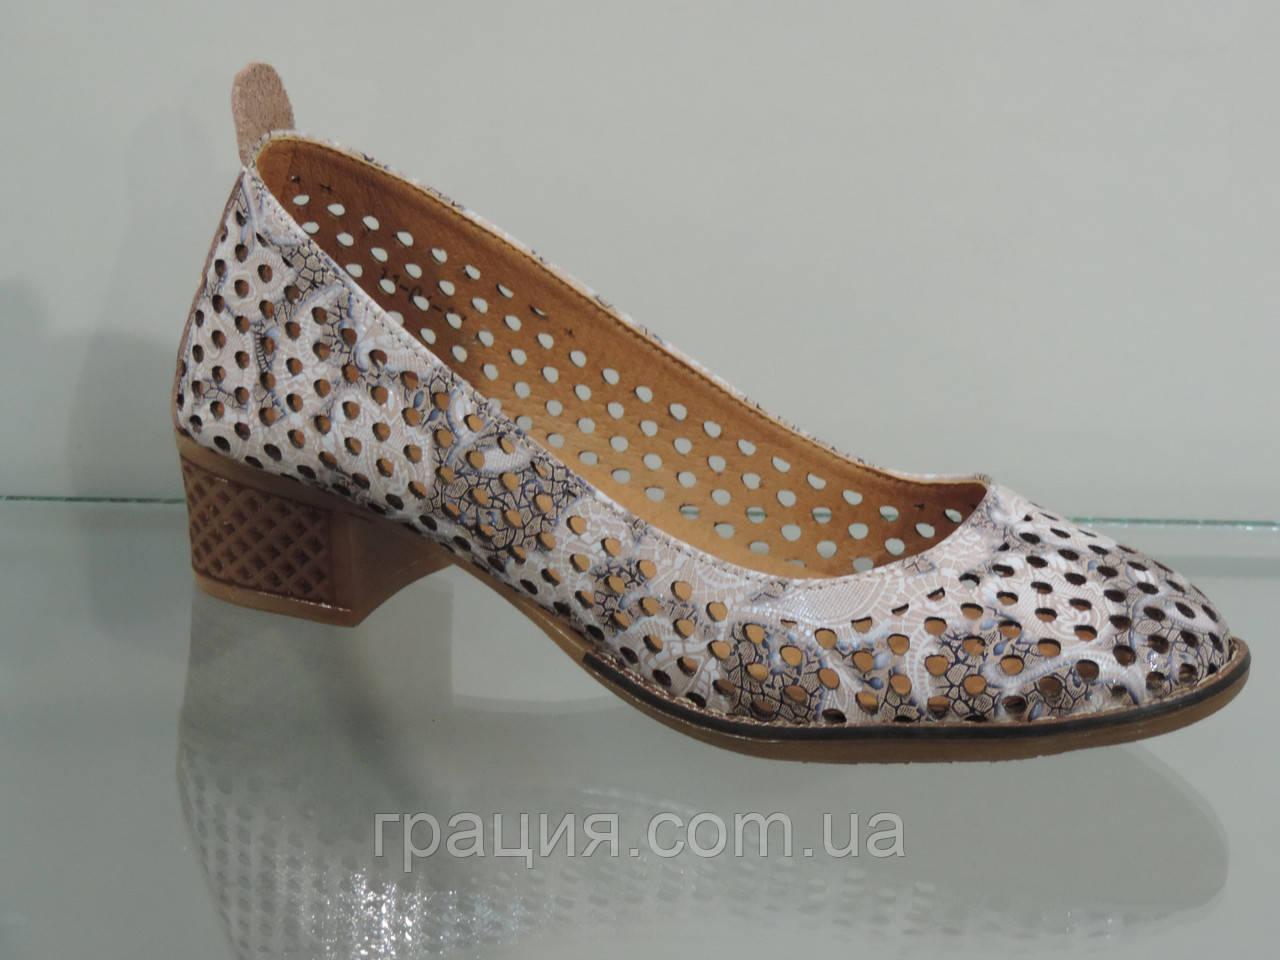 Кожаные женские туфли с перфорацией на не большем каблуке